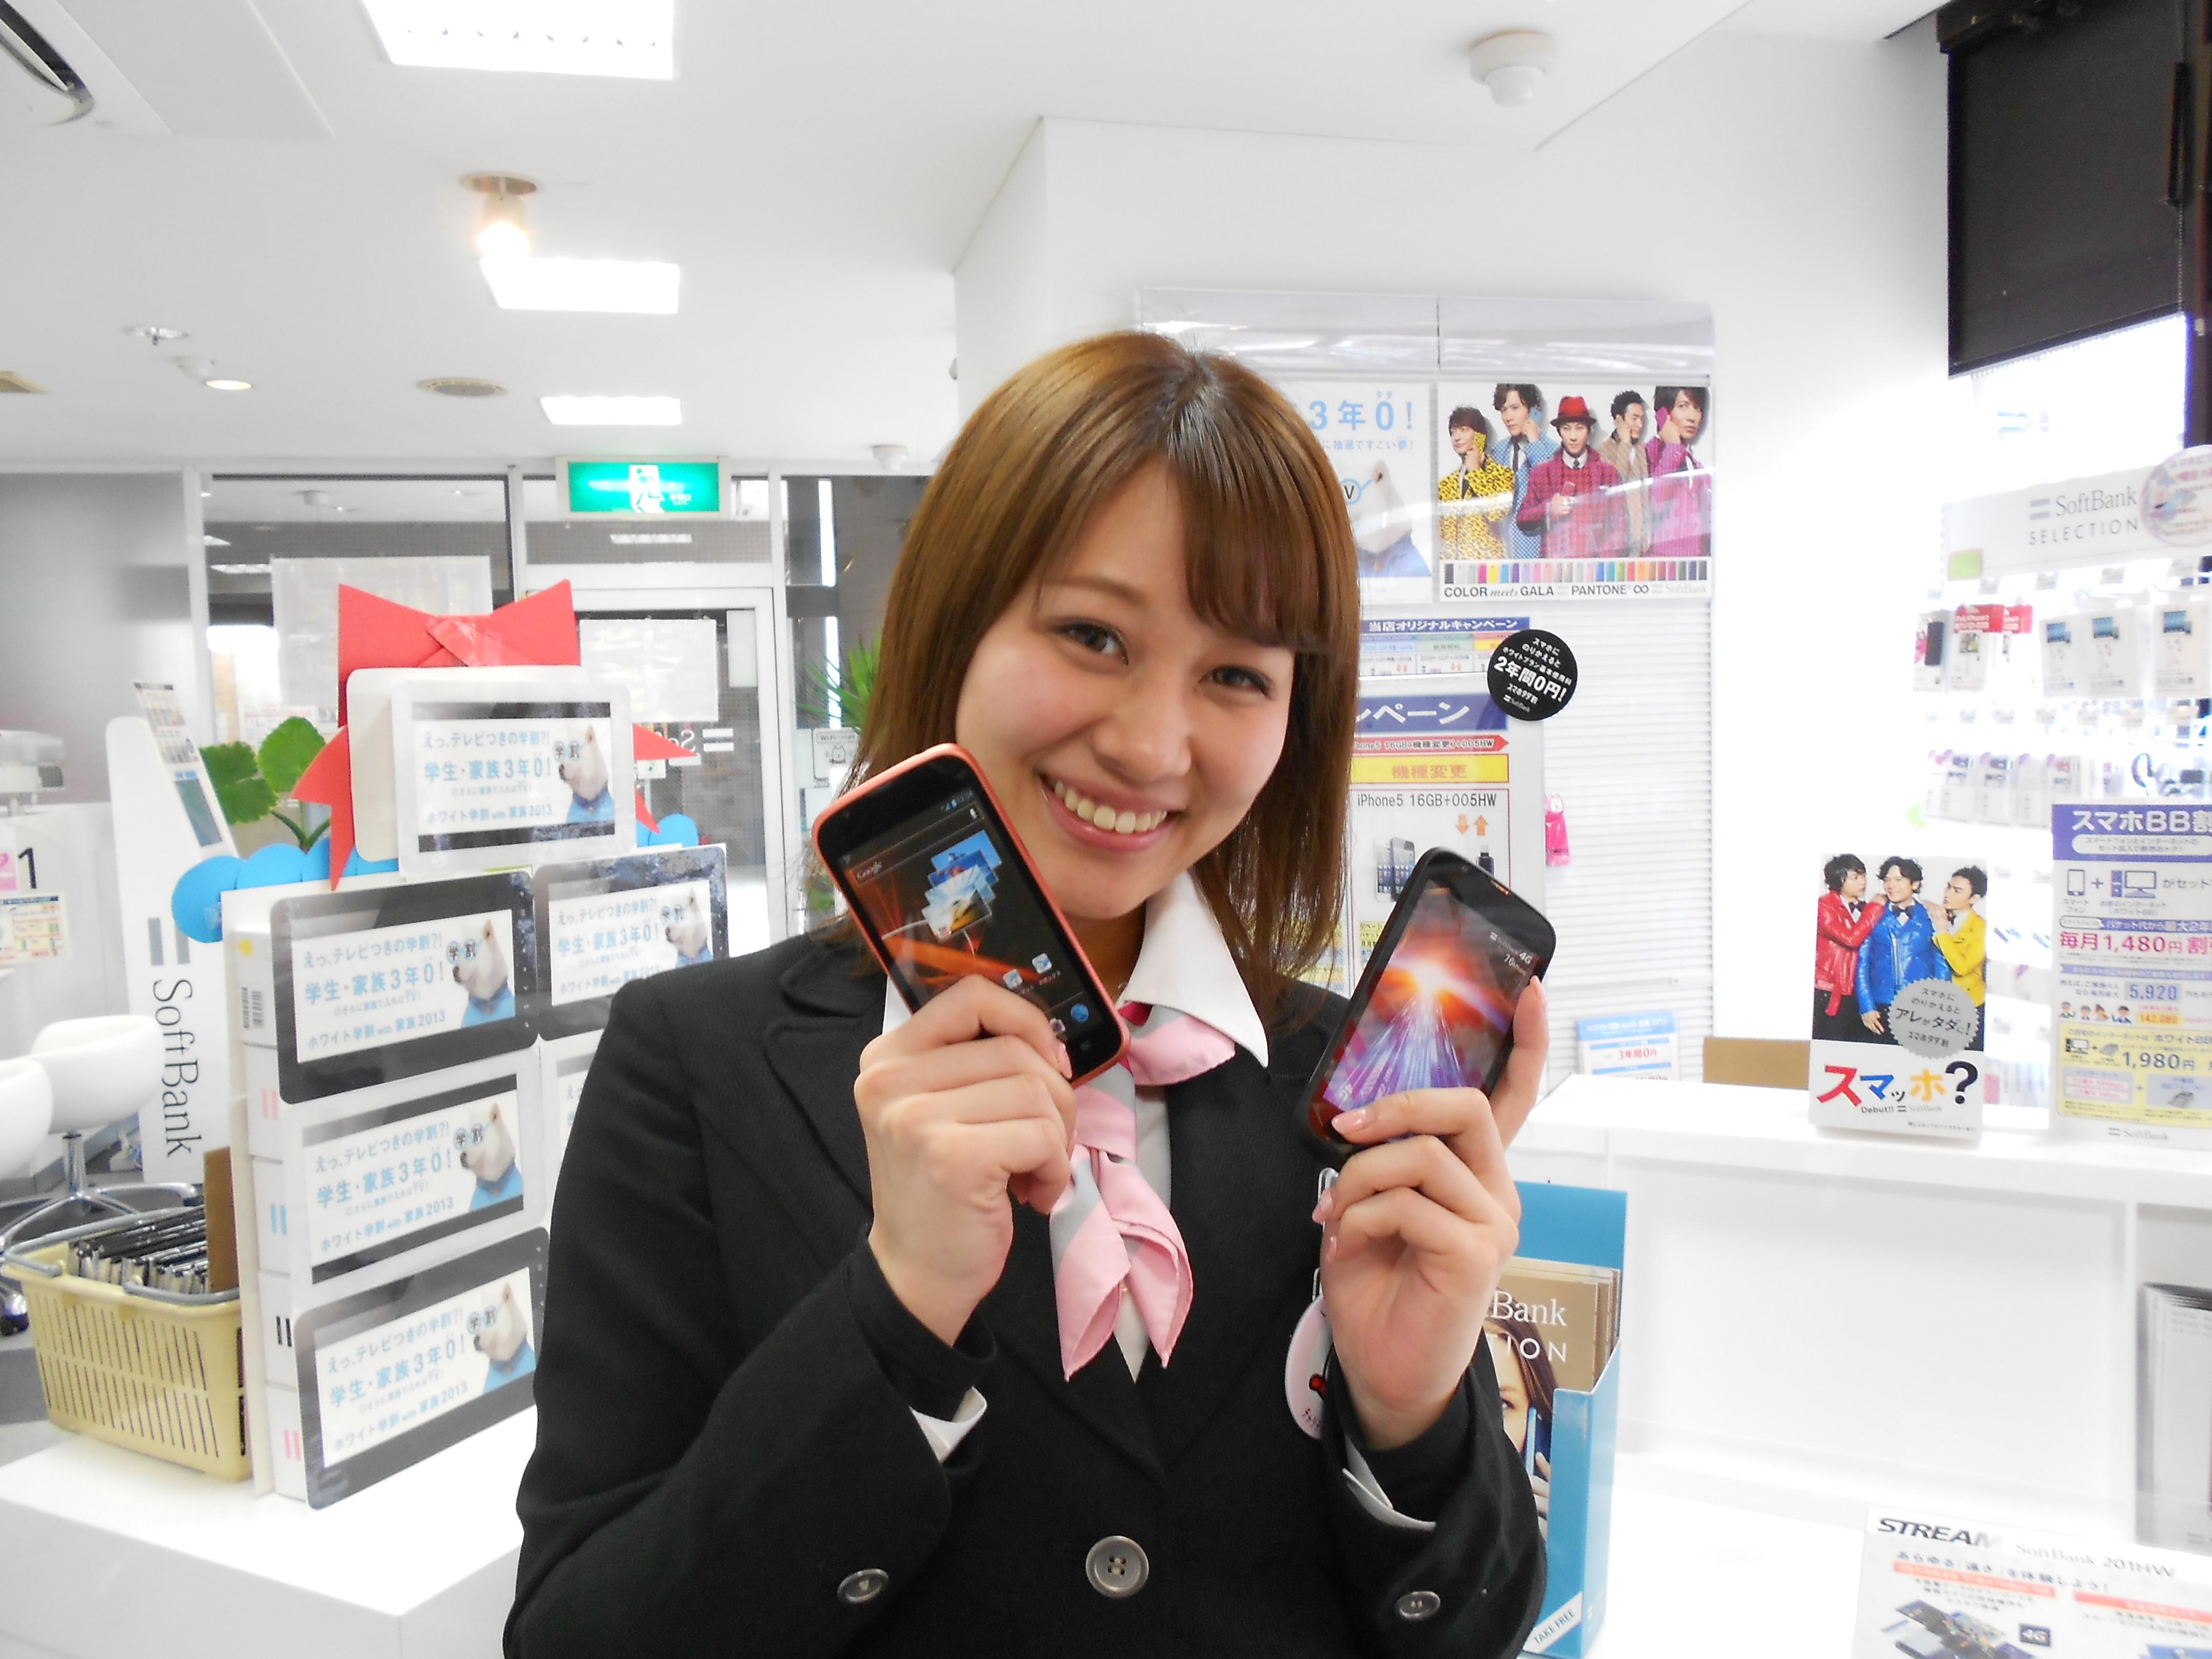 ワイモバイル 岐阜駅前(株式会社シエロ)のアルバイト情報